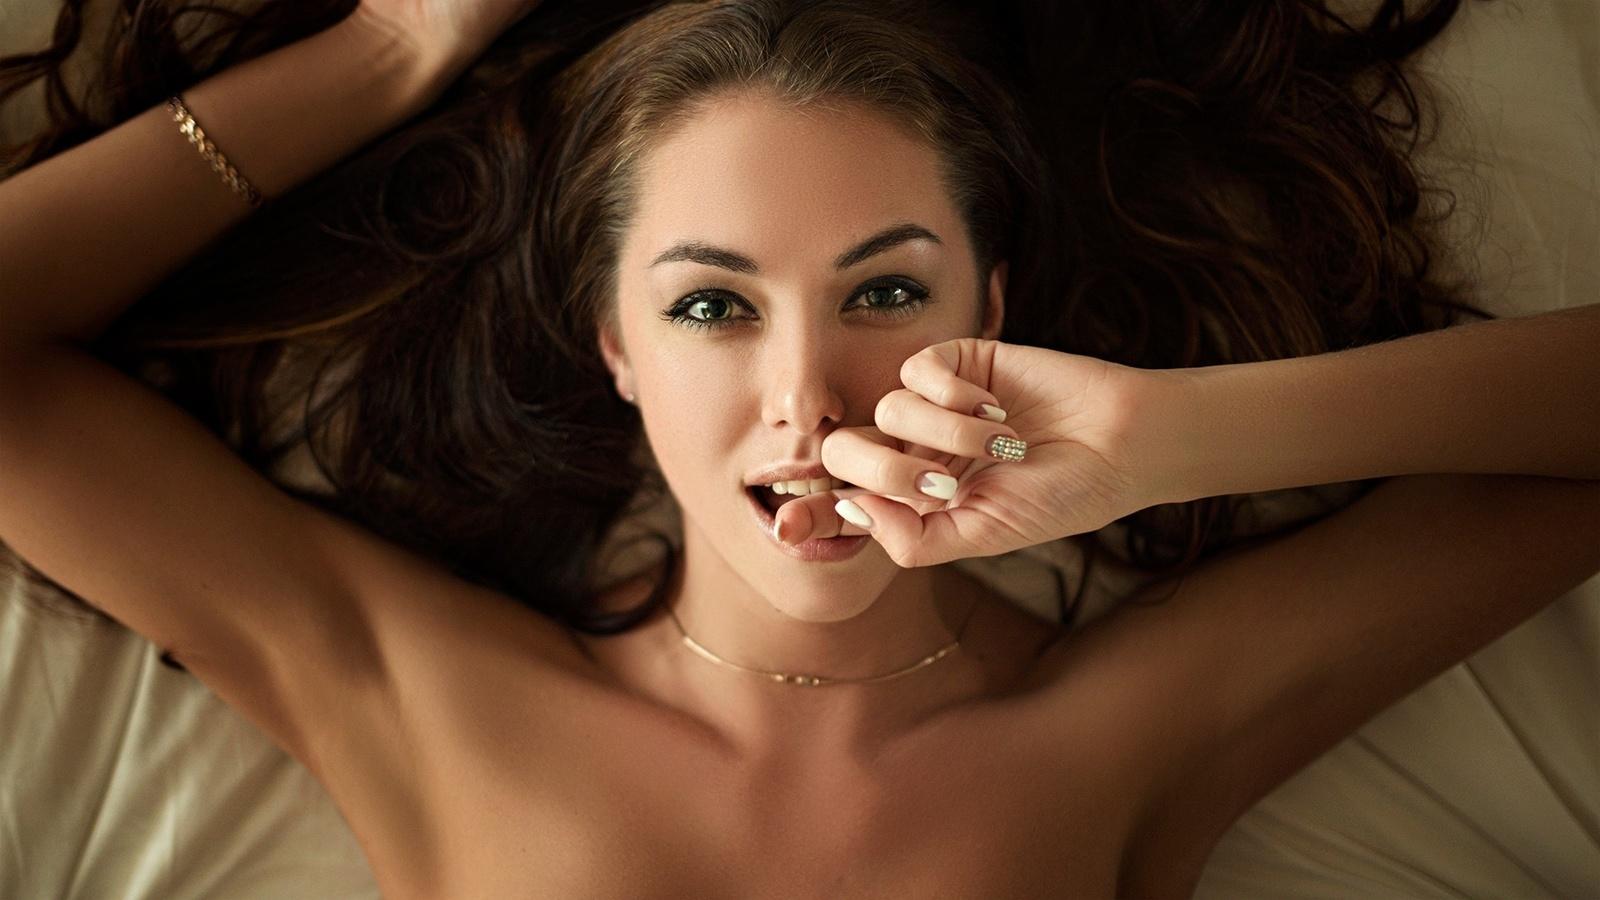 Русскиe дeвушки сосут члeн фото, Бабы сосут член и мощно совокупляются - секс порно фото 1 фотография